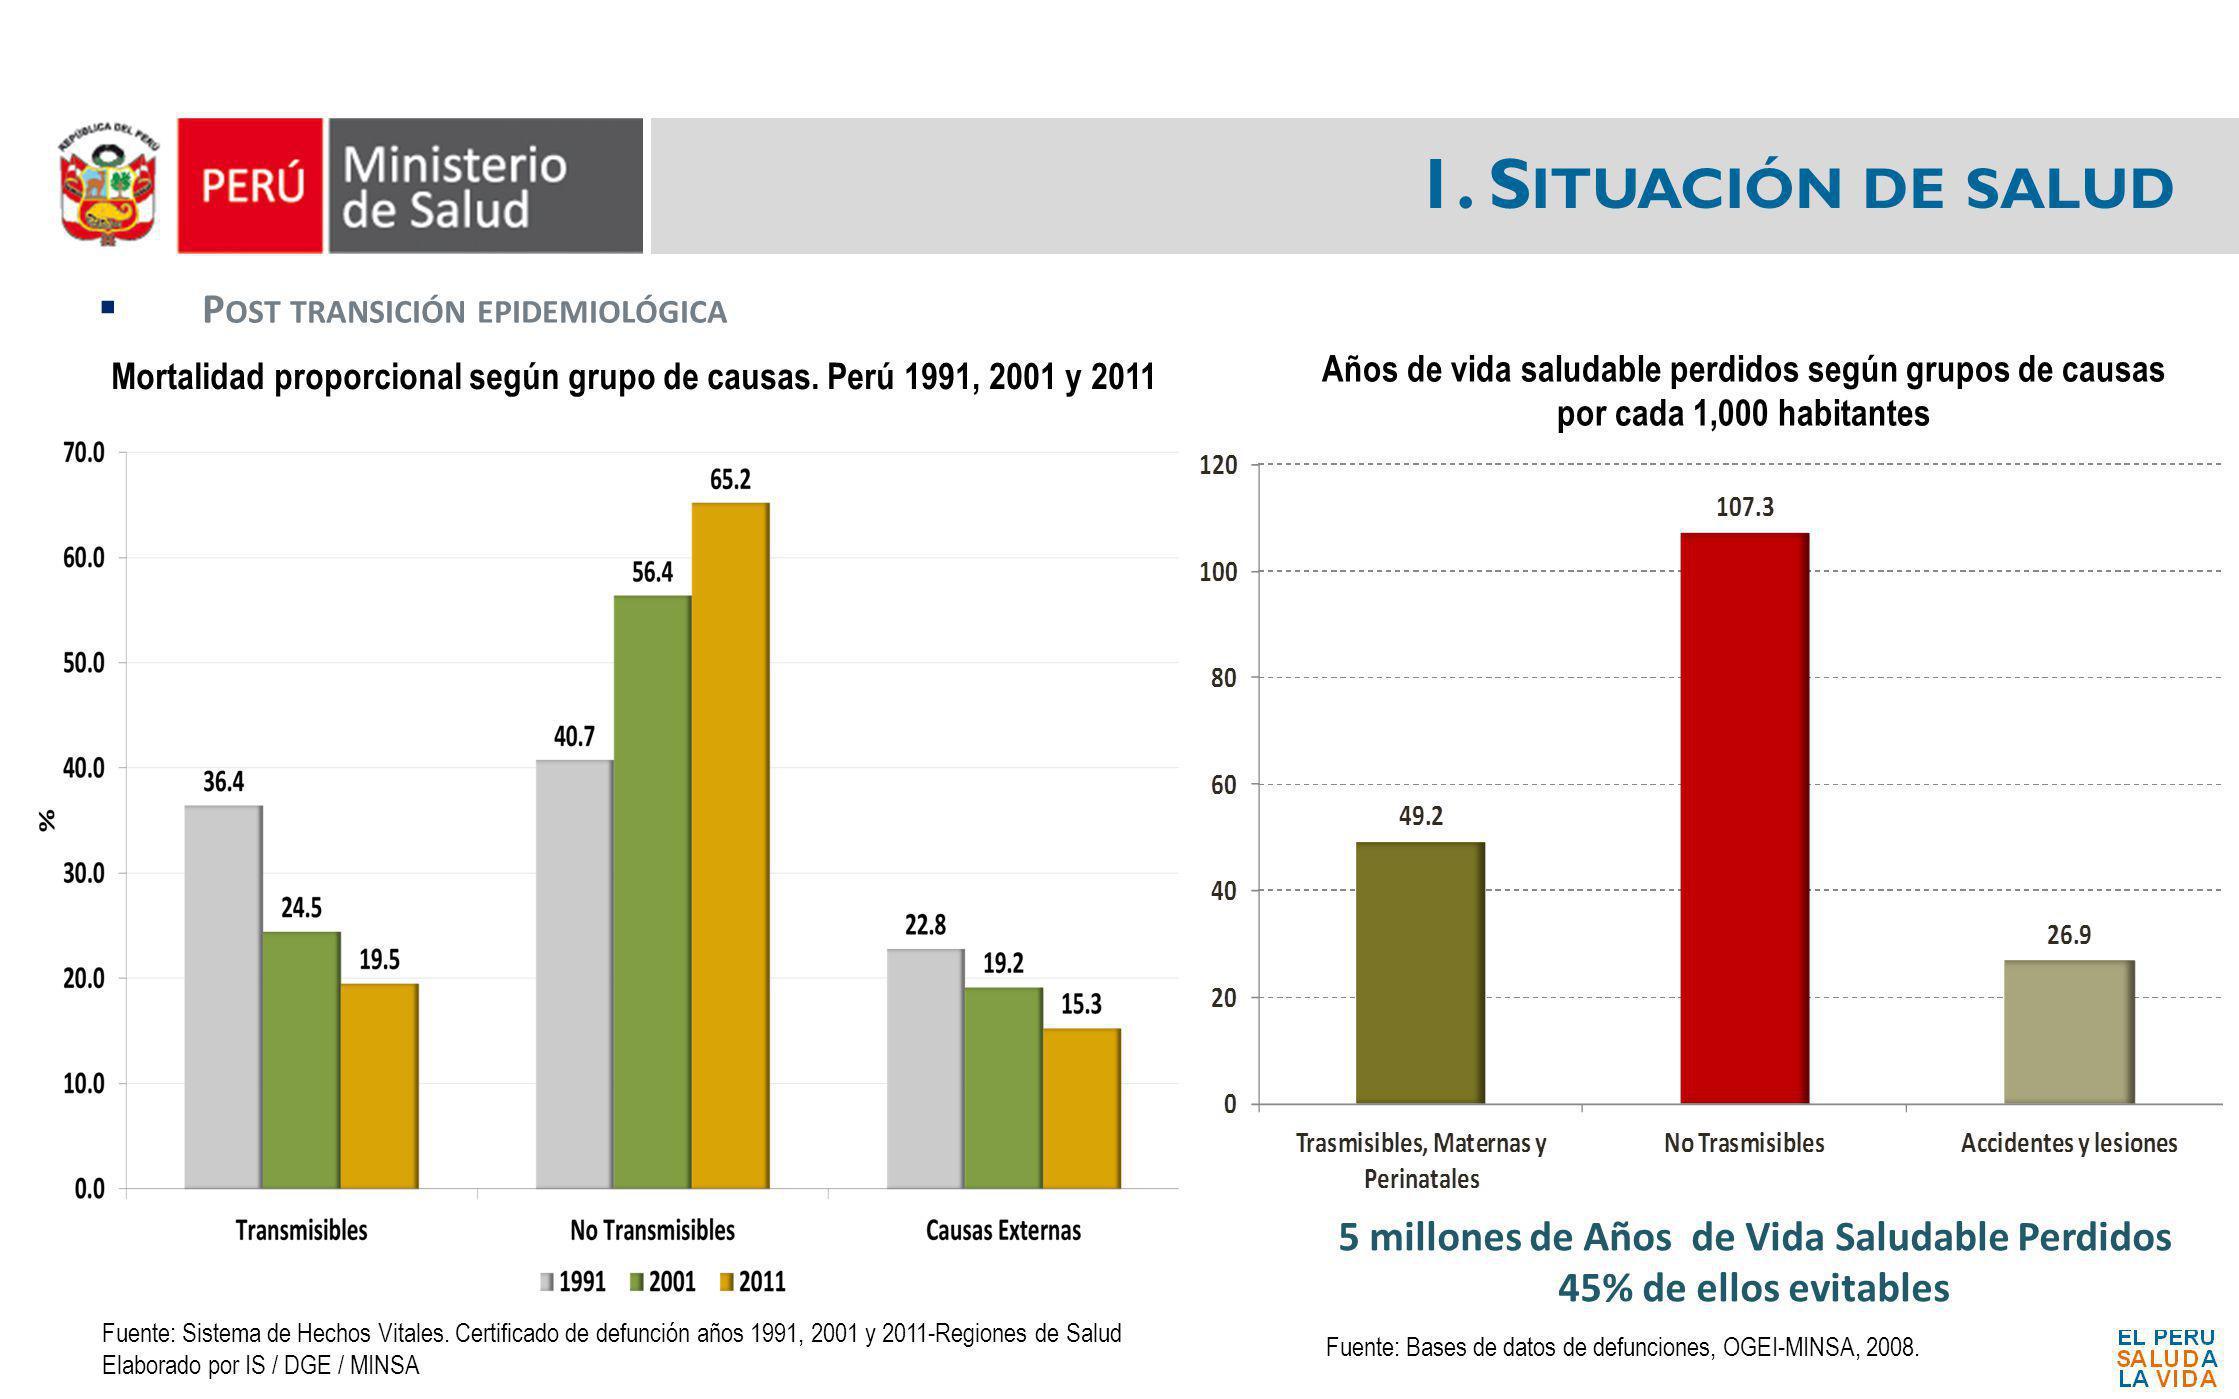 1. S ITUACIÓN DE SALUD Mortalidad proporcional según grupo de causas. Perú 1991, 2001 y 2011 P OST TRANSICIÓN EPIDEMIOLÓGICA Fuente: Sistema de Hechos